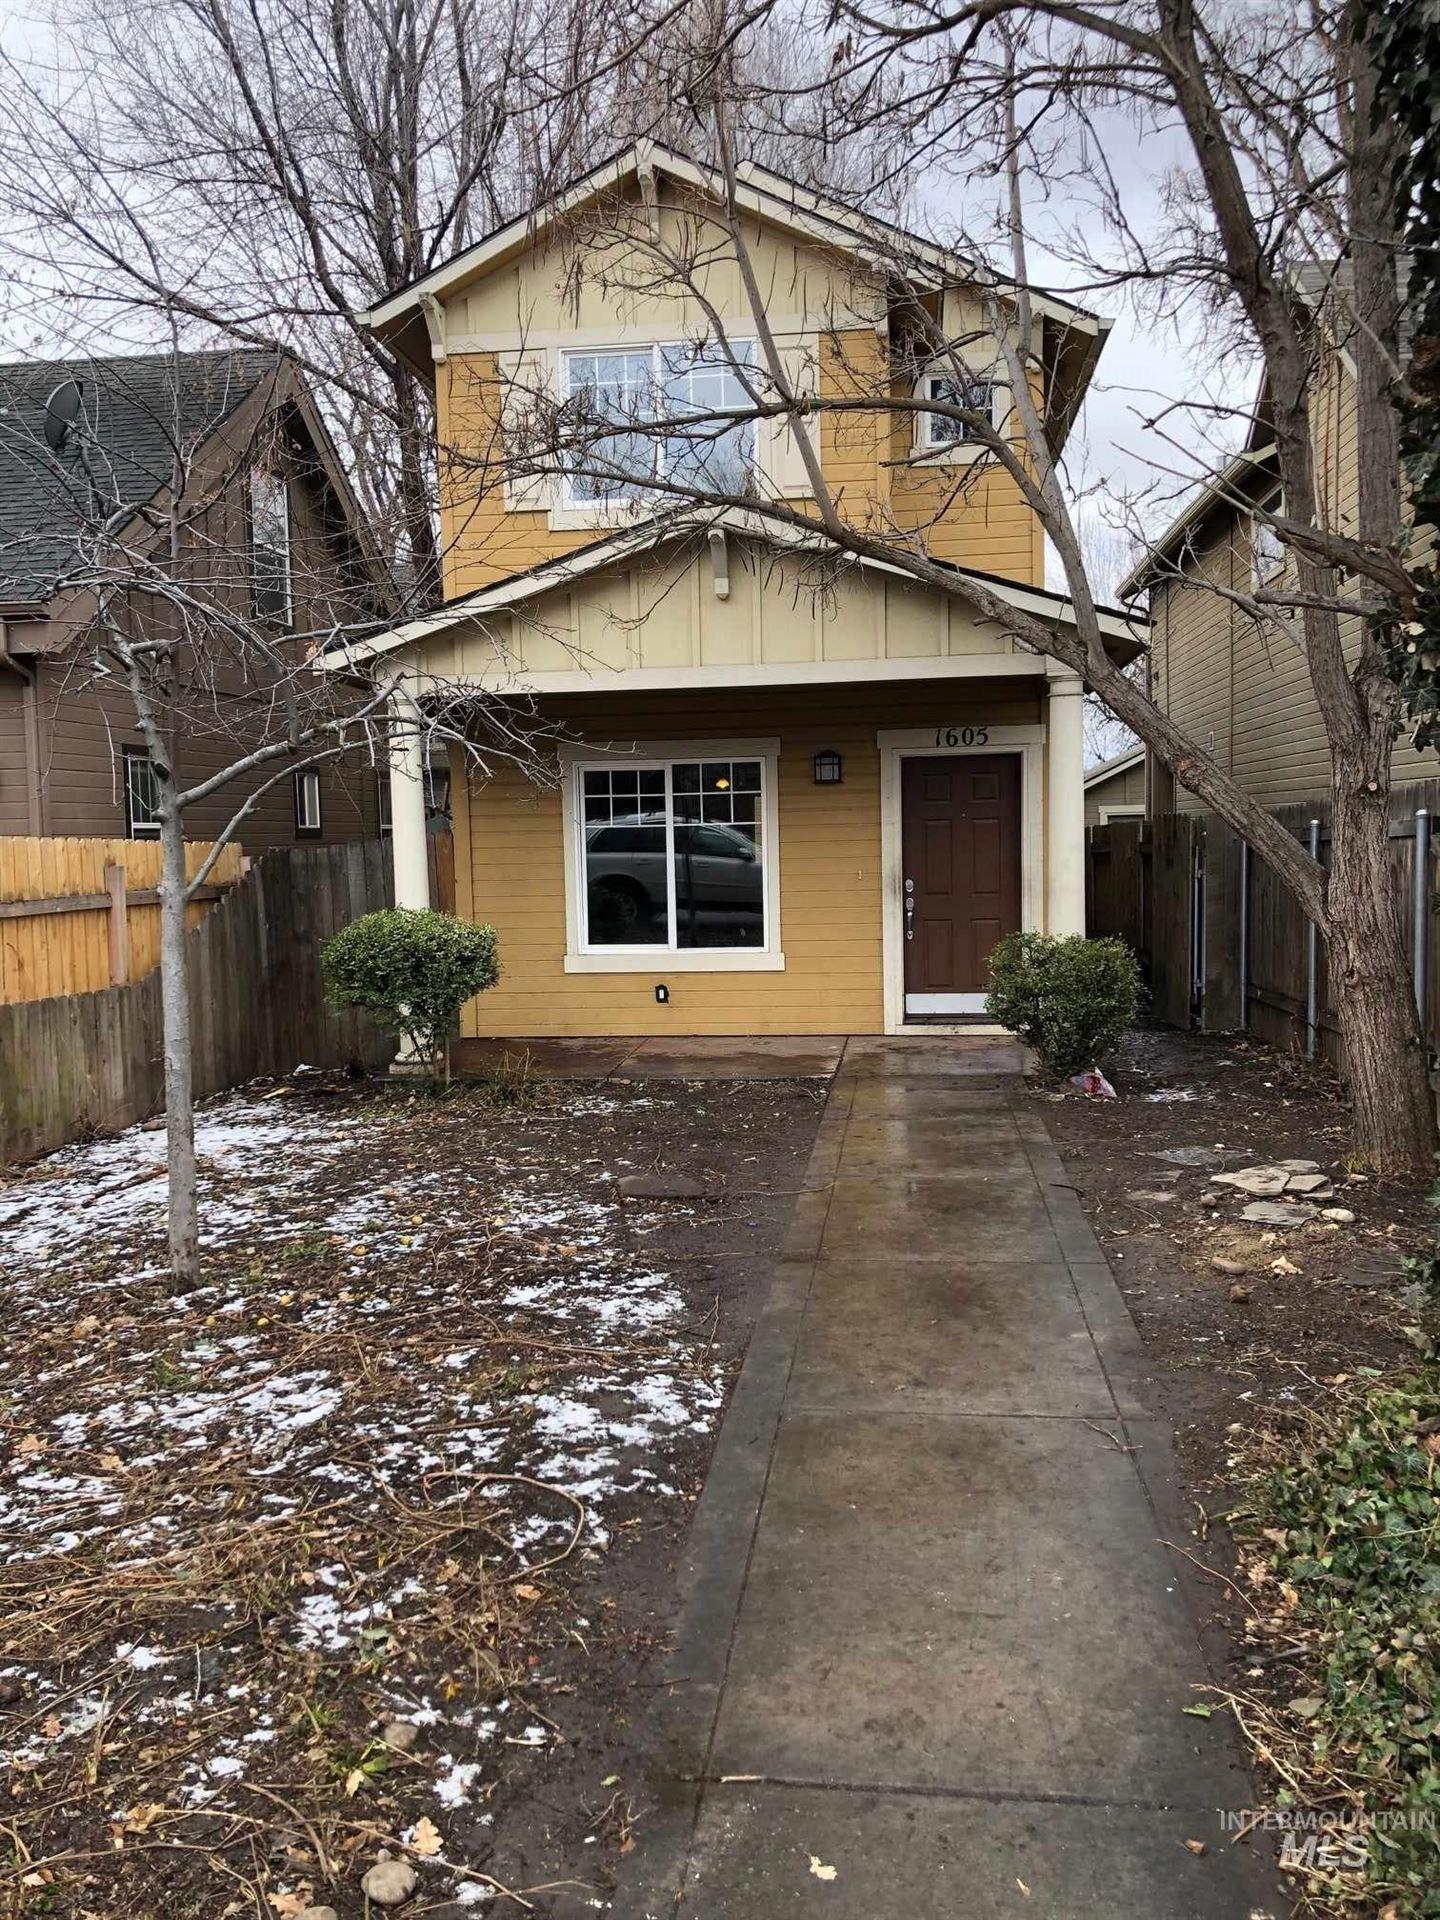 Photo of 1605 N 29th, Boise, ID 83703 (MLS # 98794734)